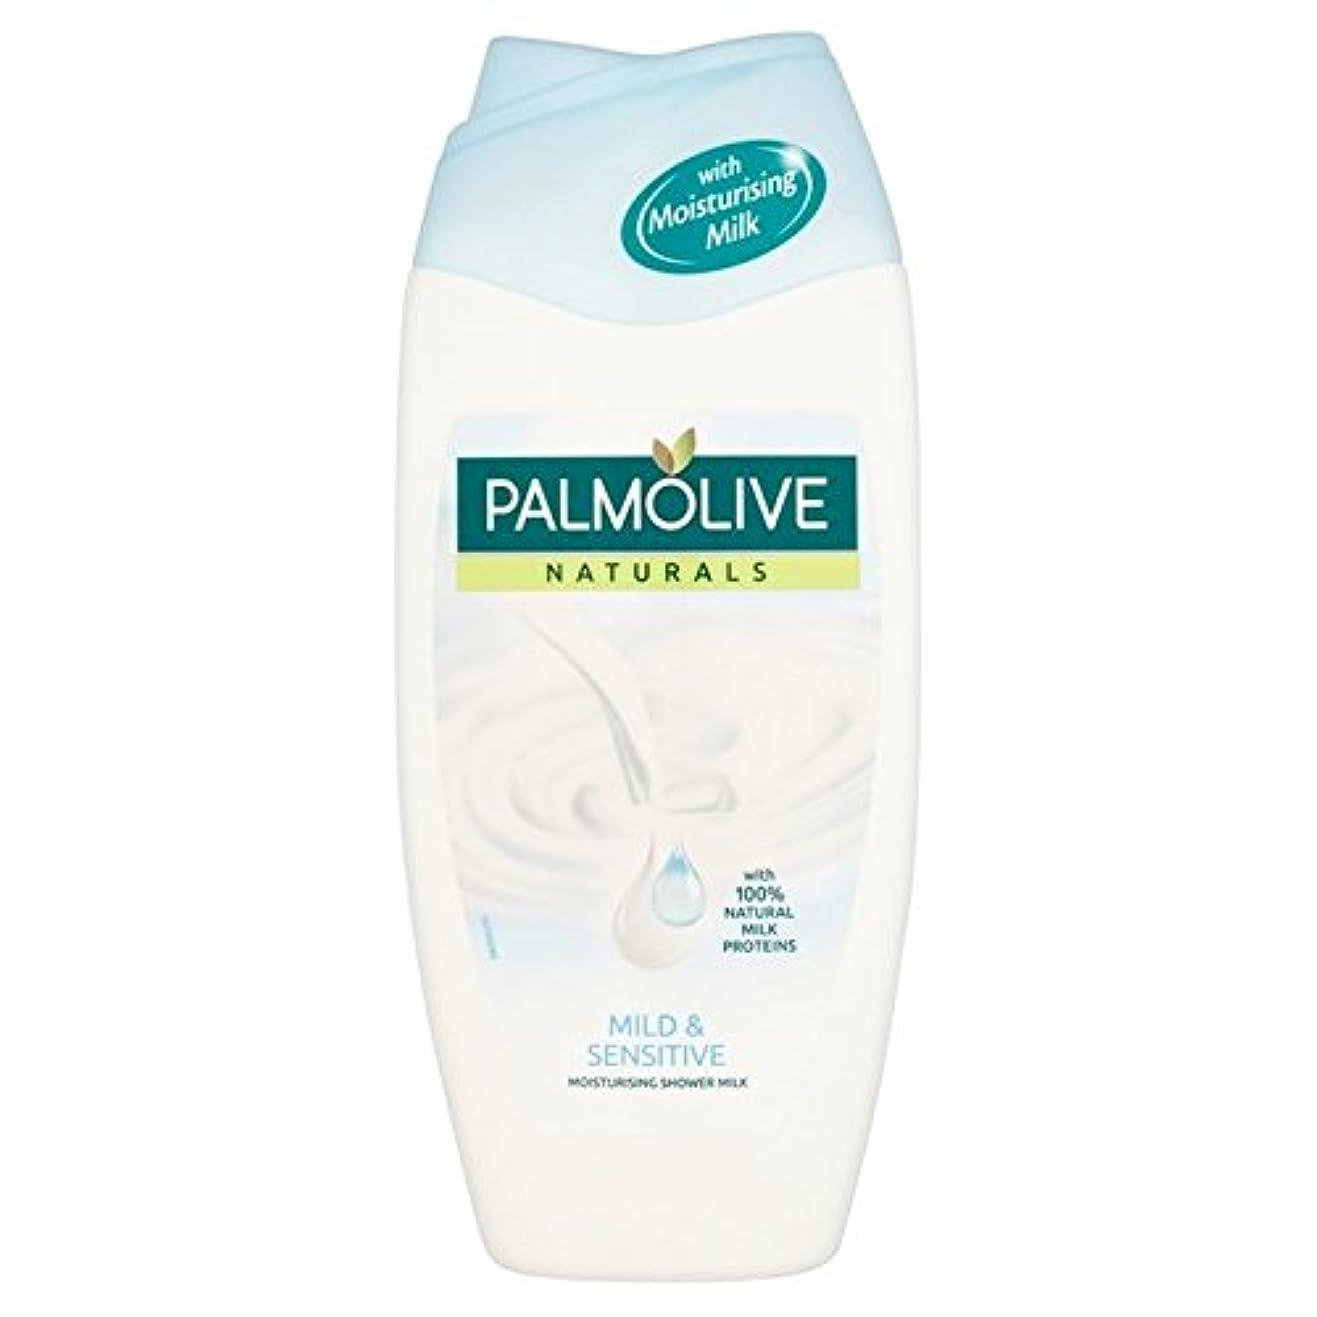 期限中止しますセマフォPalmolive Naturals Shower Milk Mild & Sensitive 250ml - パルモナチュラルシャワーミルクマイルド&敏感250ミリリットル [並行輸入品]